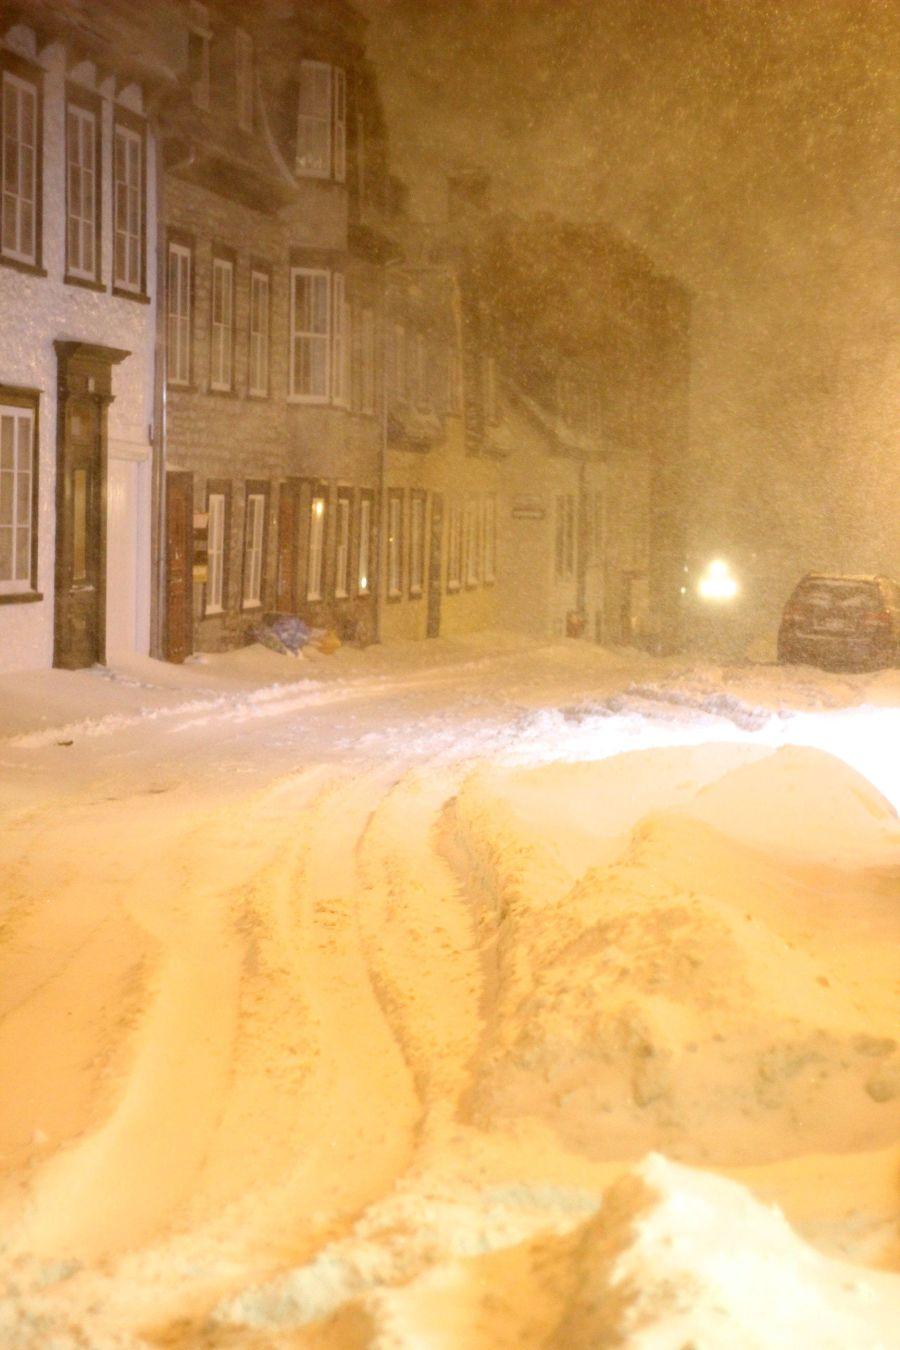 quebec quebec city snow storm december 29 2015 15